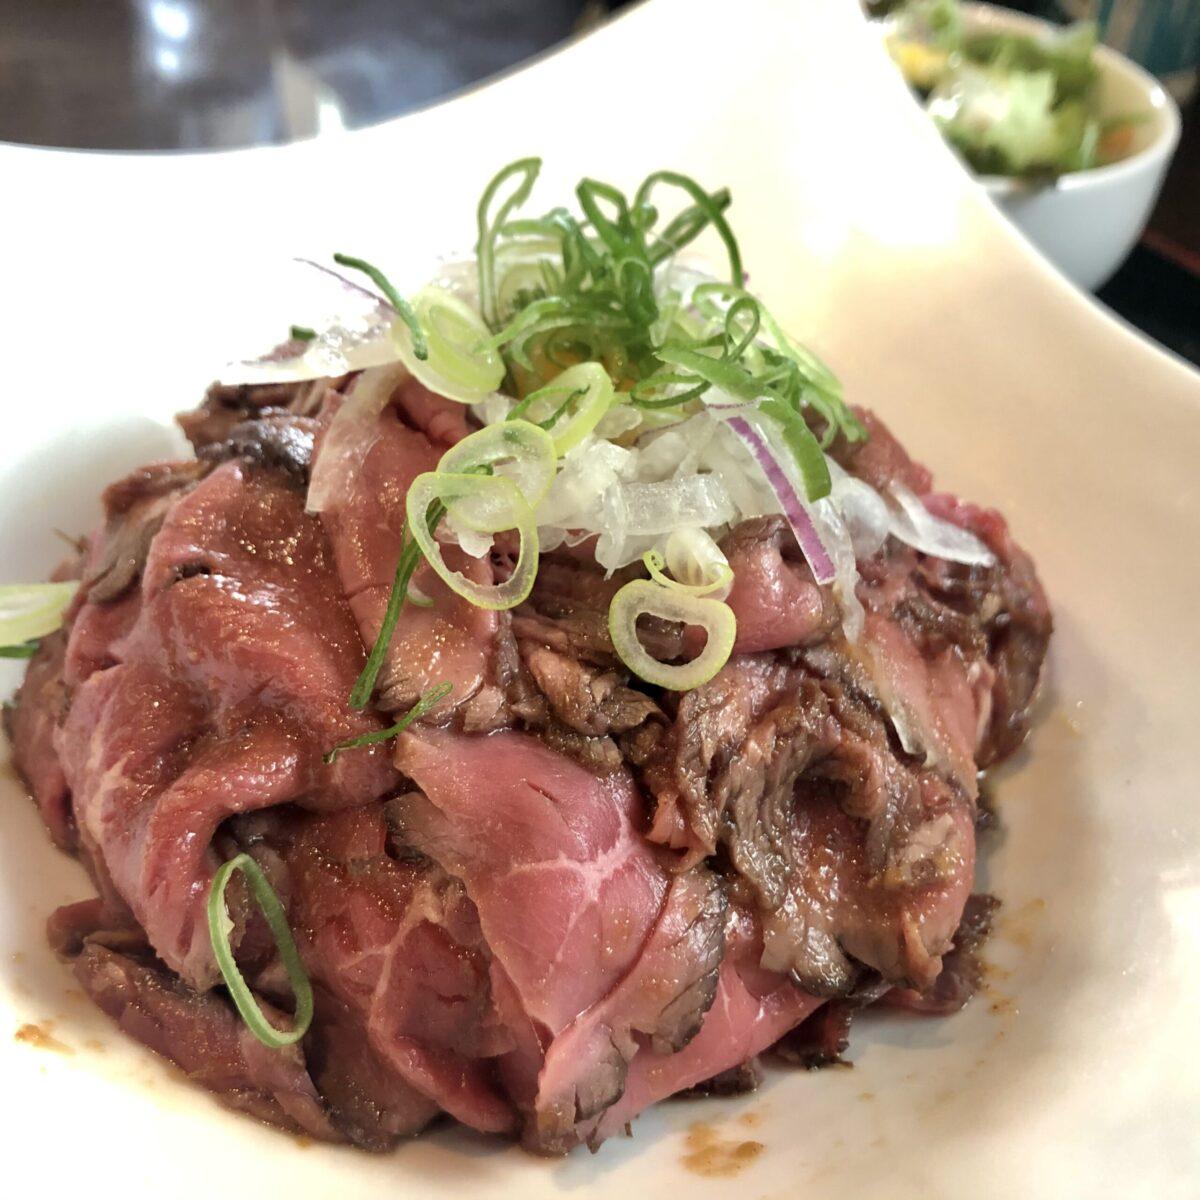 【京焼肉 ききょう】焼肉店で食べる最強コスパ肉ランチ ローストビーフ丼 (肉の大盛) 🥩 \1,000(税込)